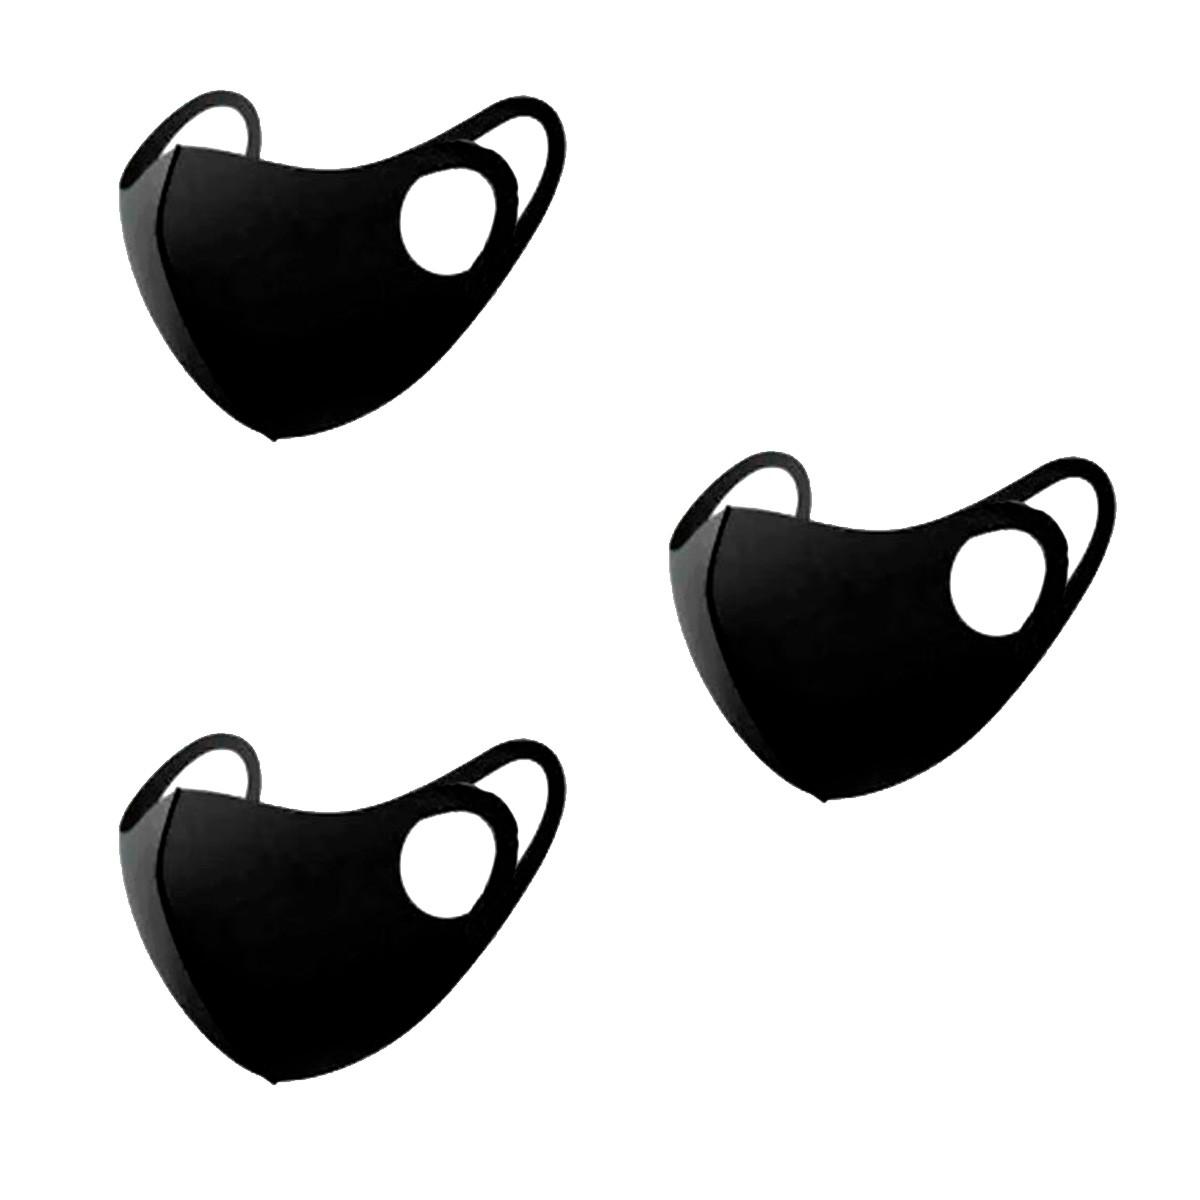 Kit 3 Máscaras NEOPRENE Emborrachada Lavável Higienizável